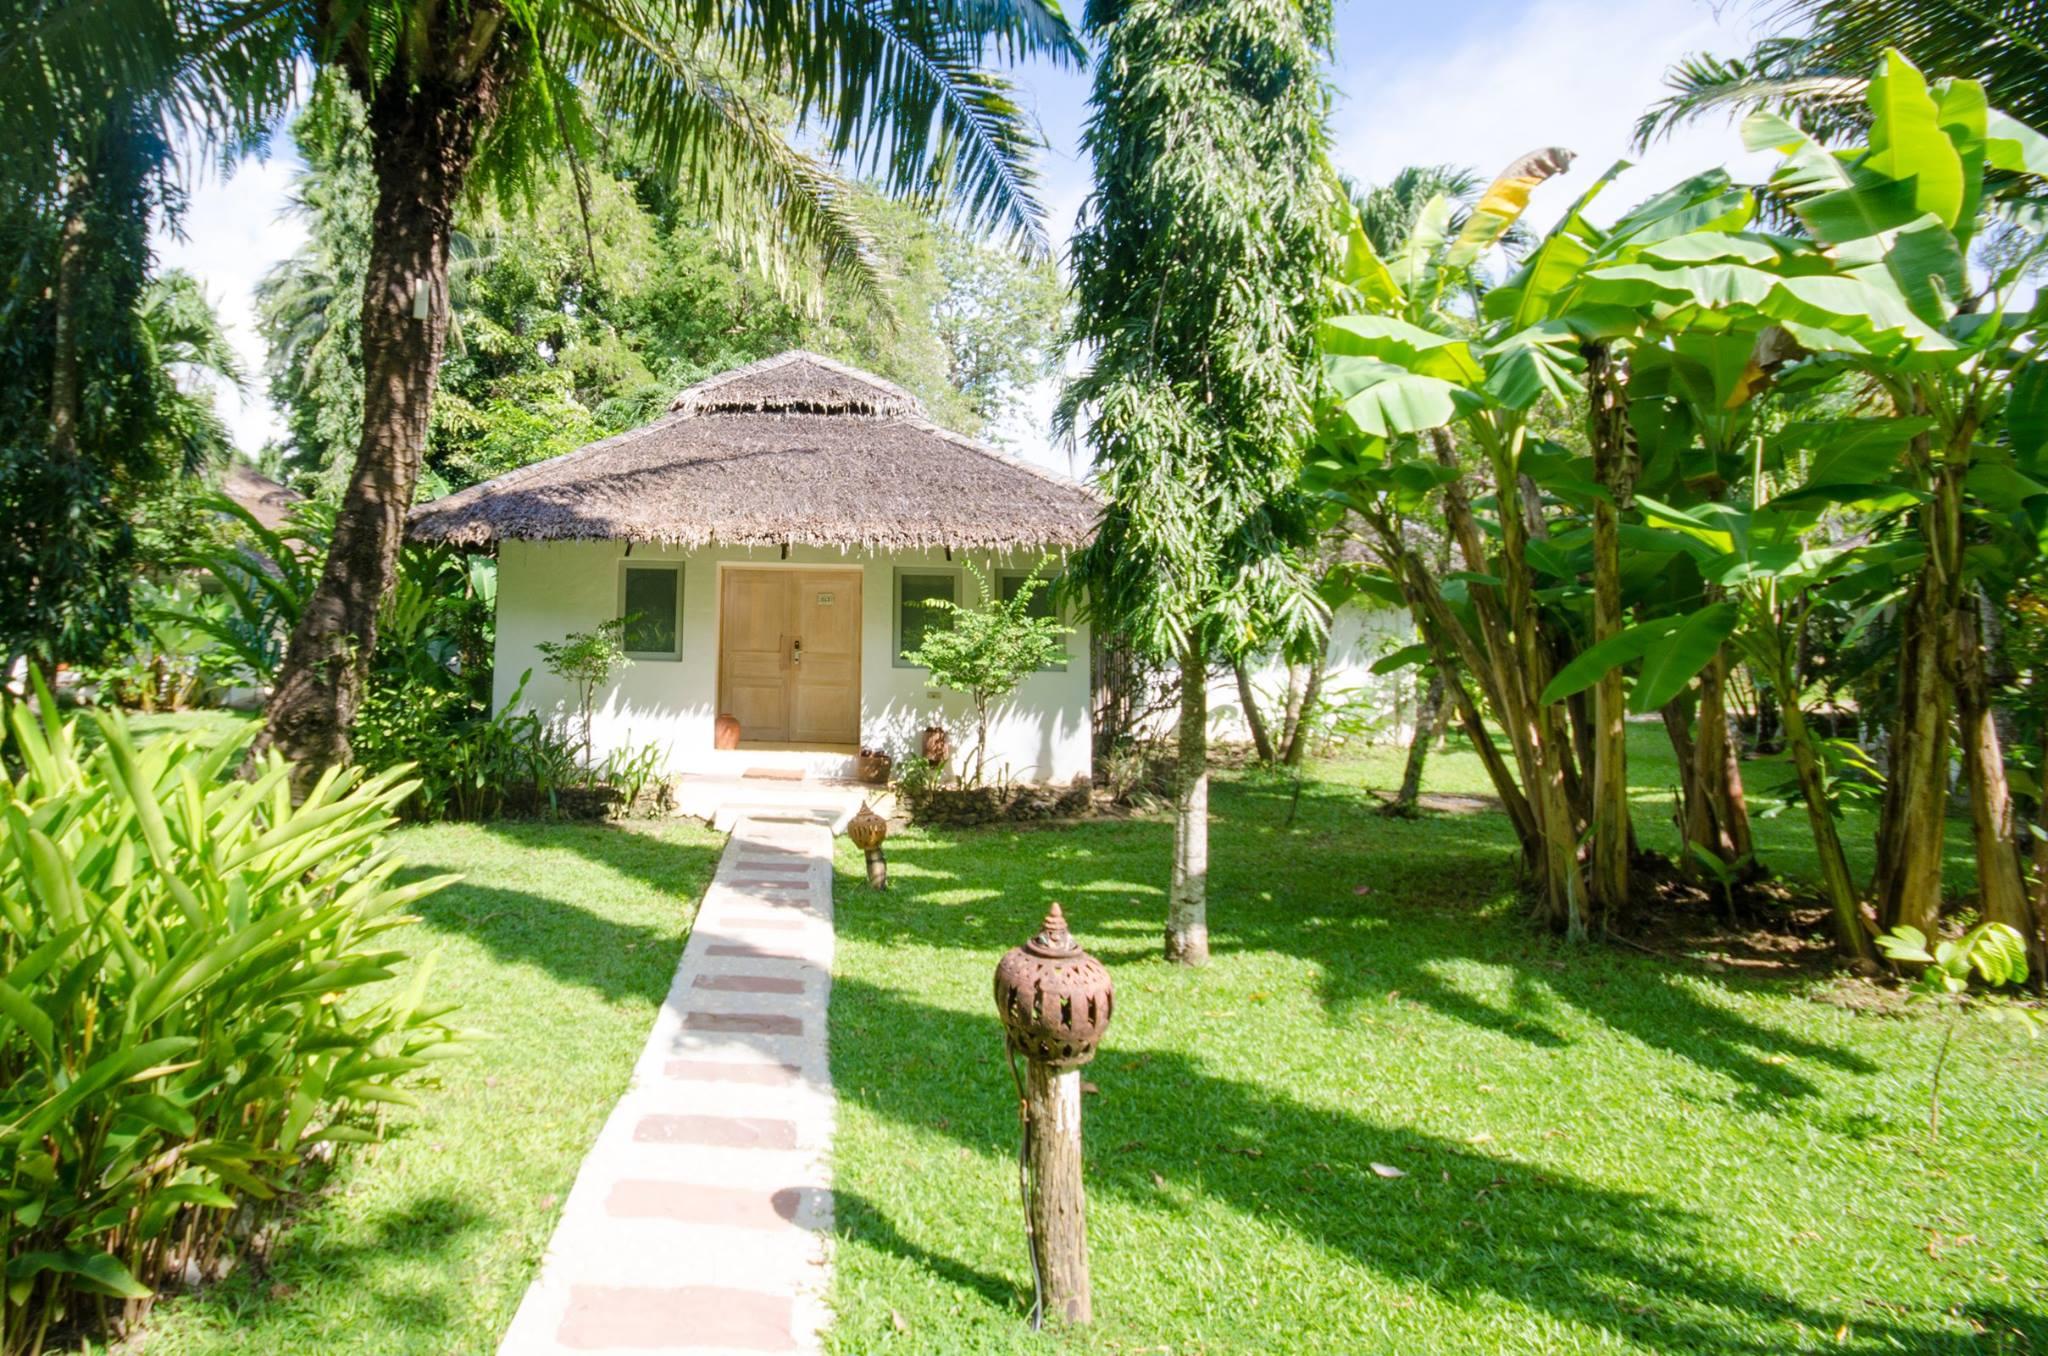 paradise-koh-yao-retreat-center-thailand-16